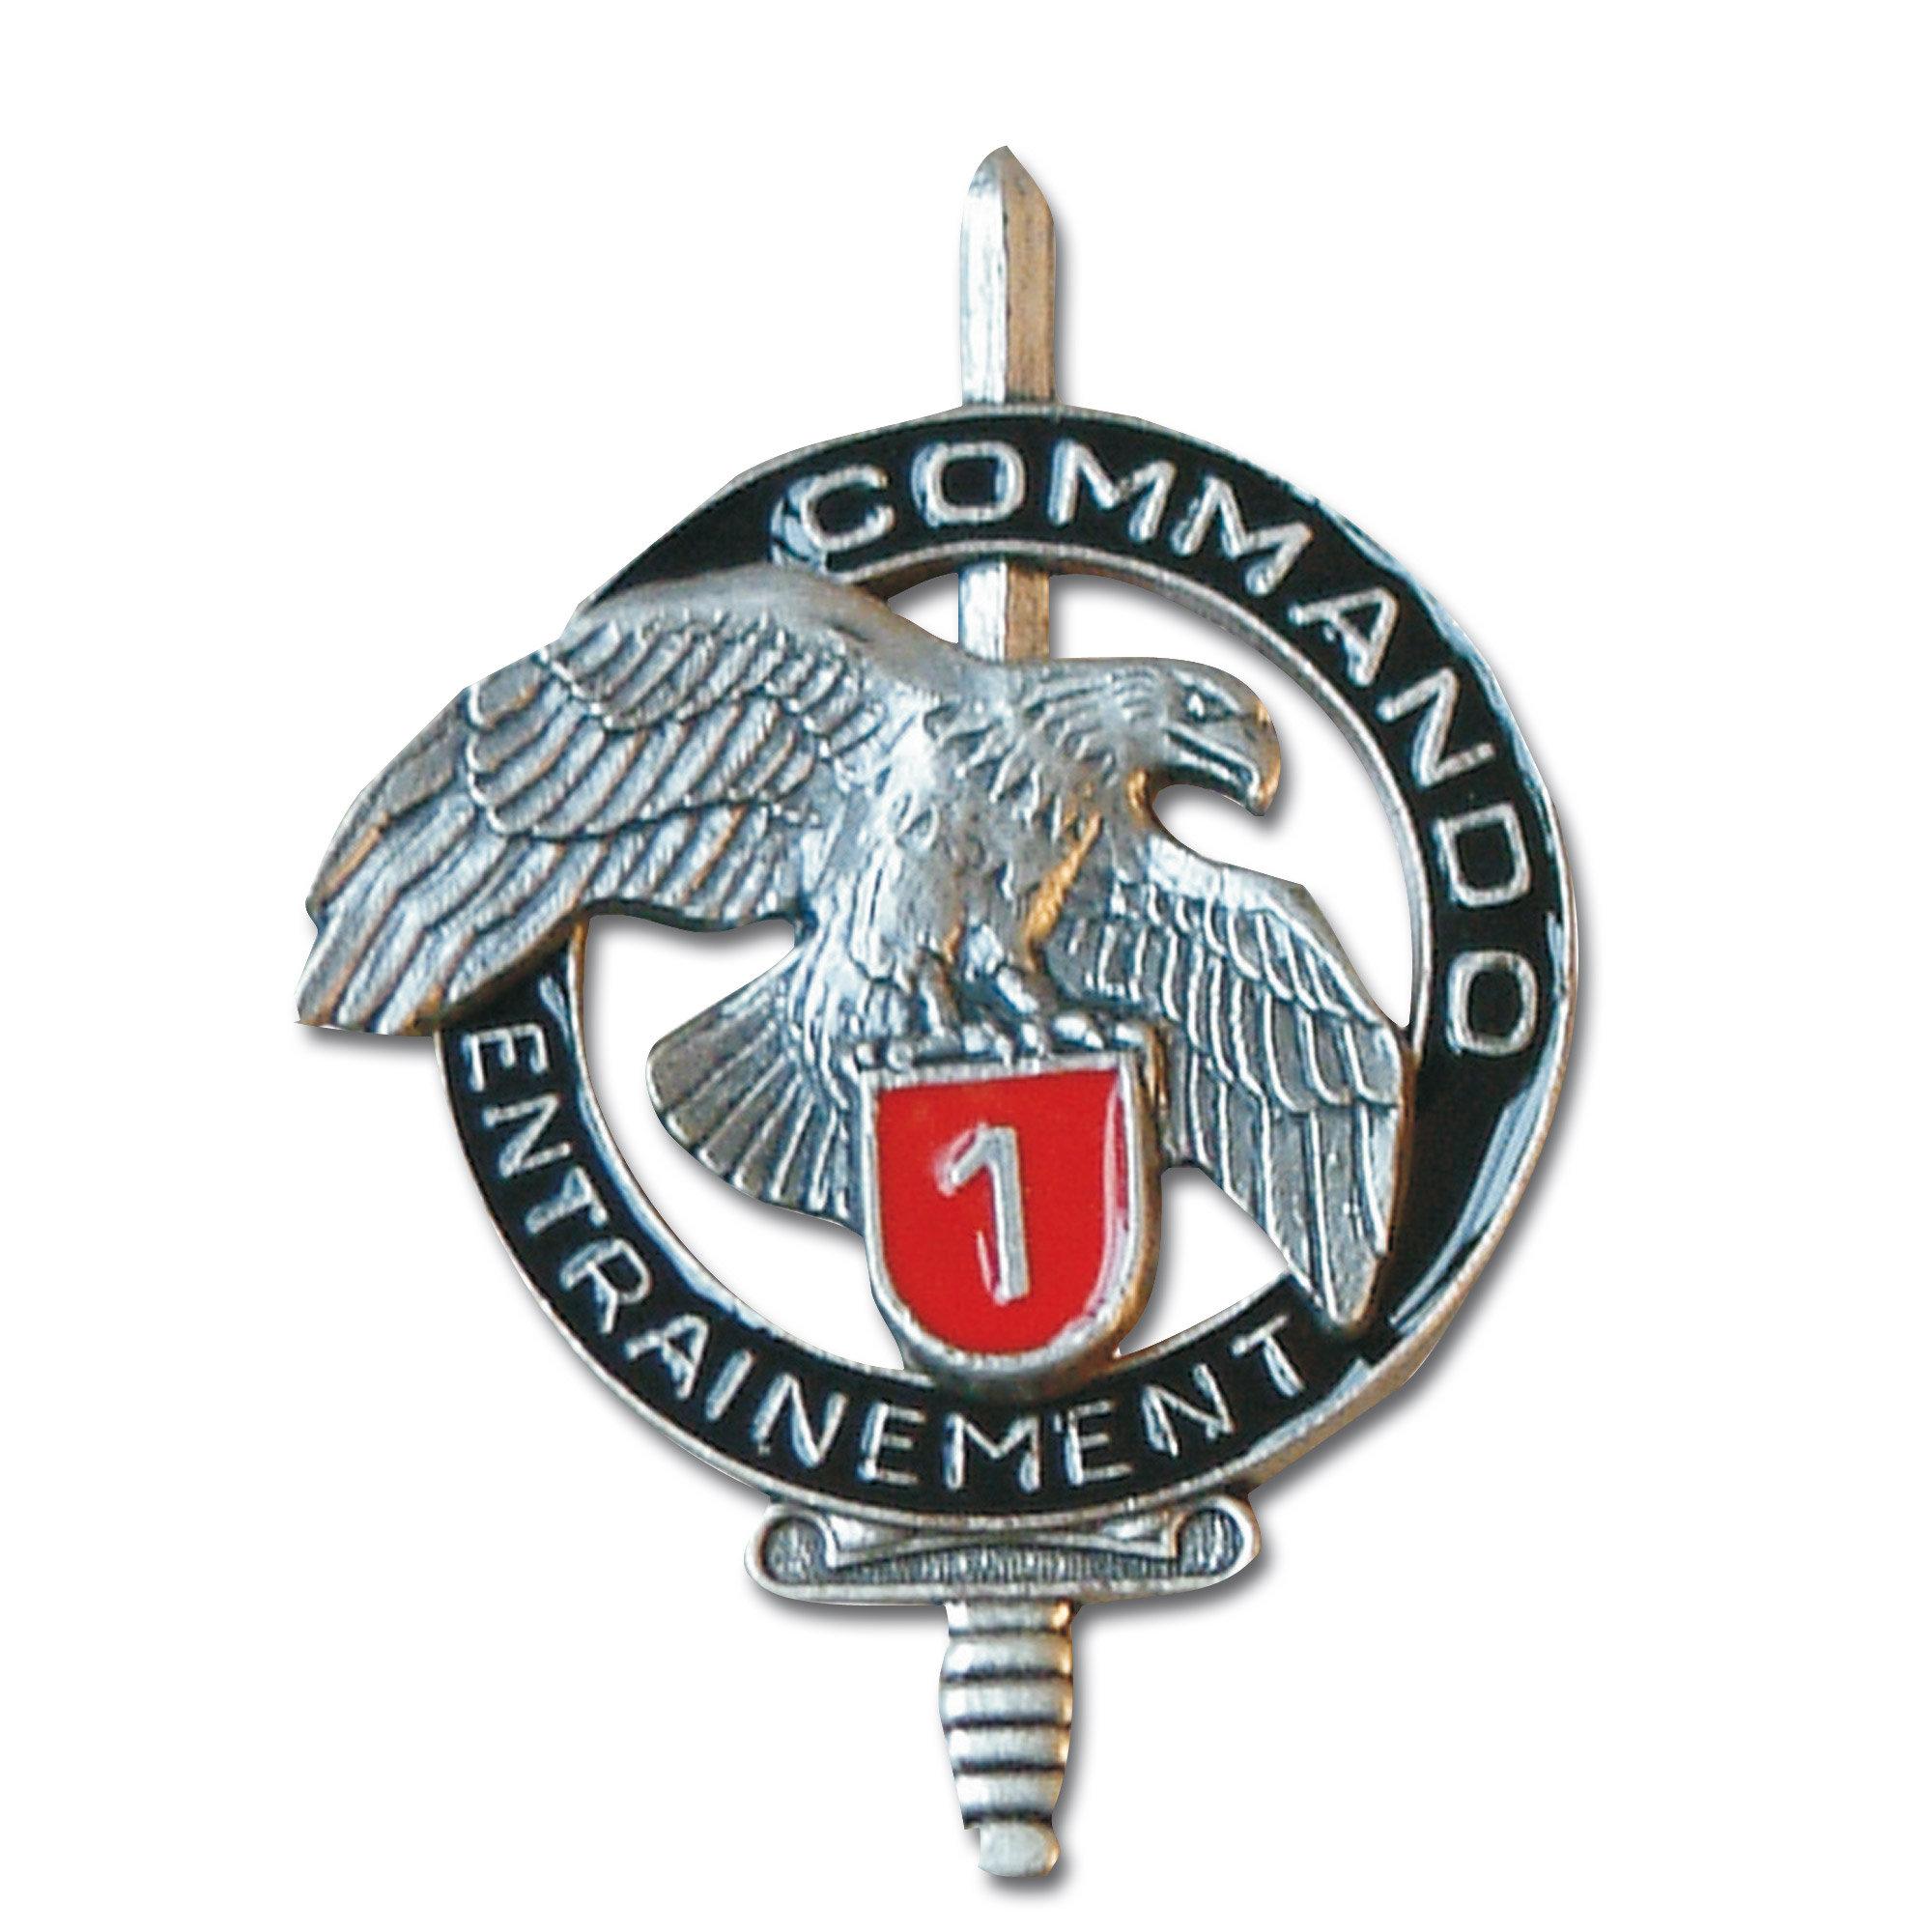 French Insignia Commando CEC 1